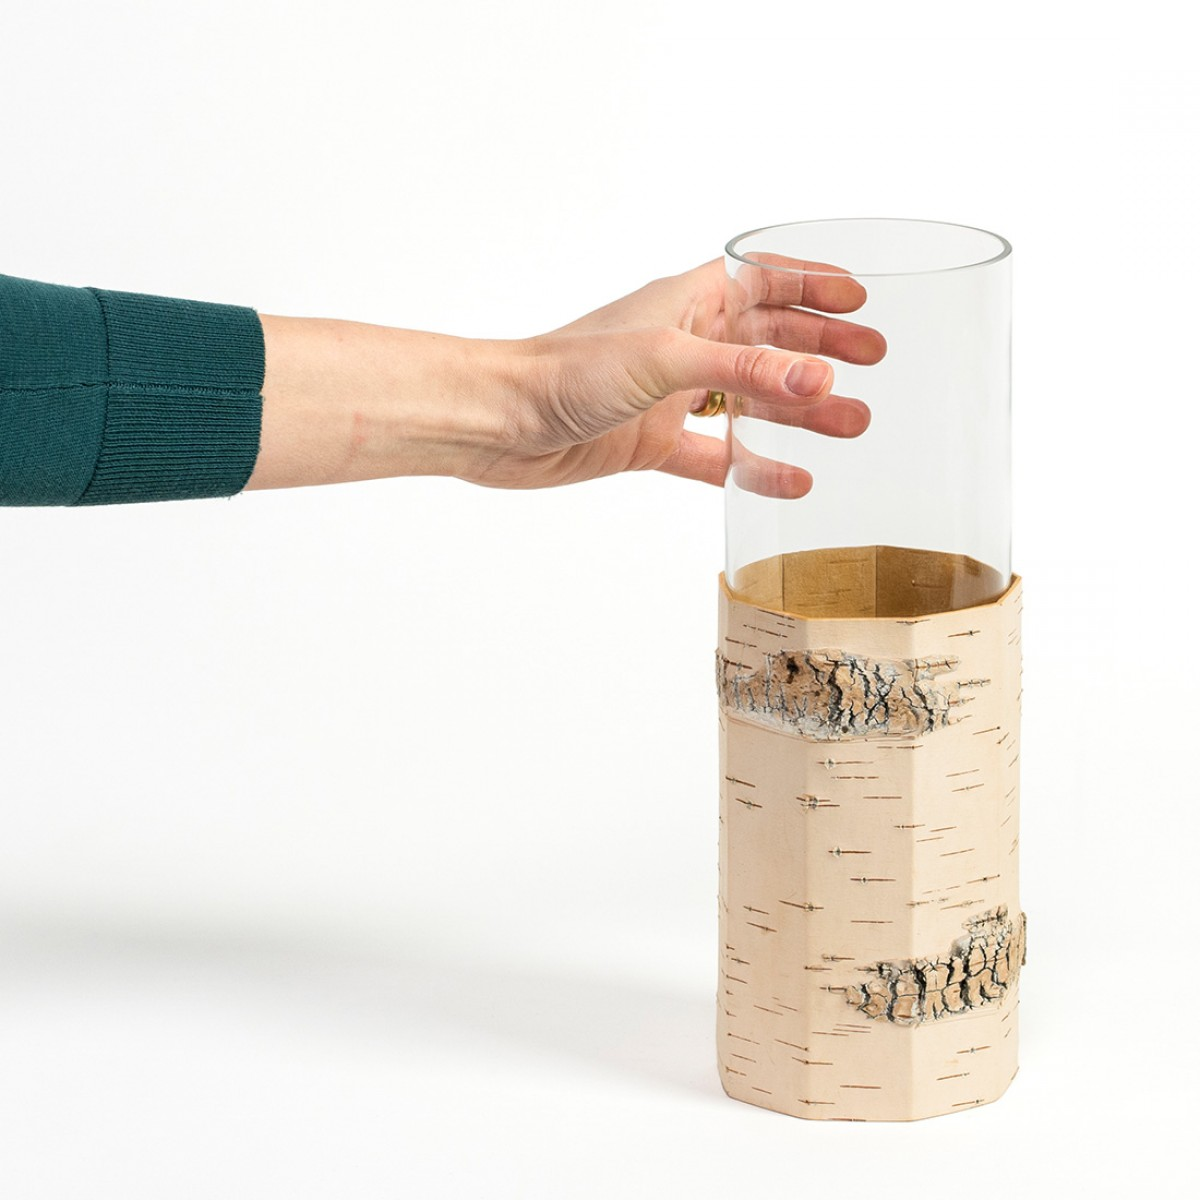 Vase / Blumenvase aus Birkenrinde und Glas - TARA